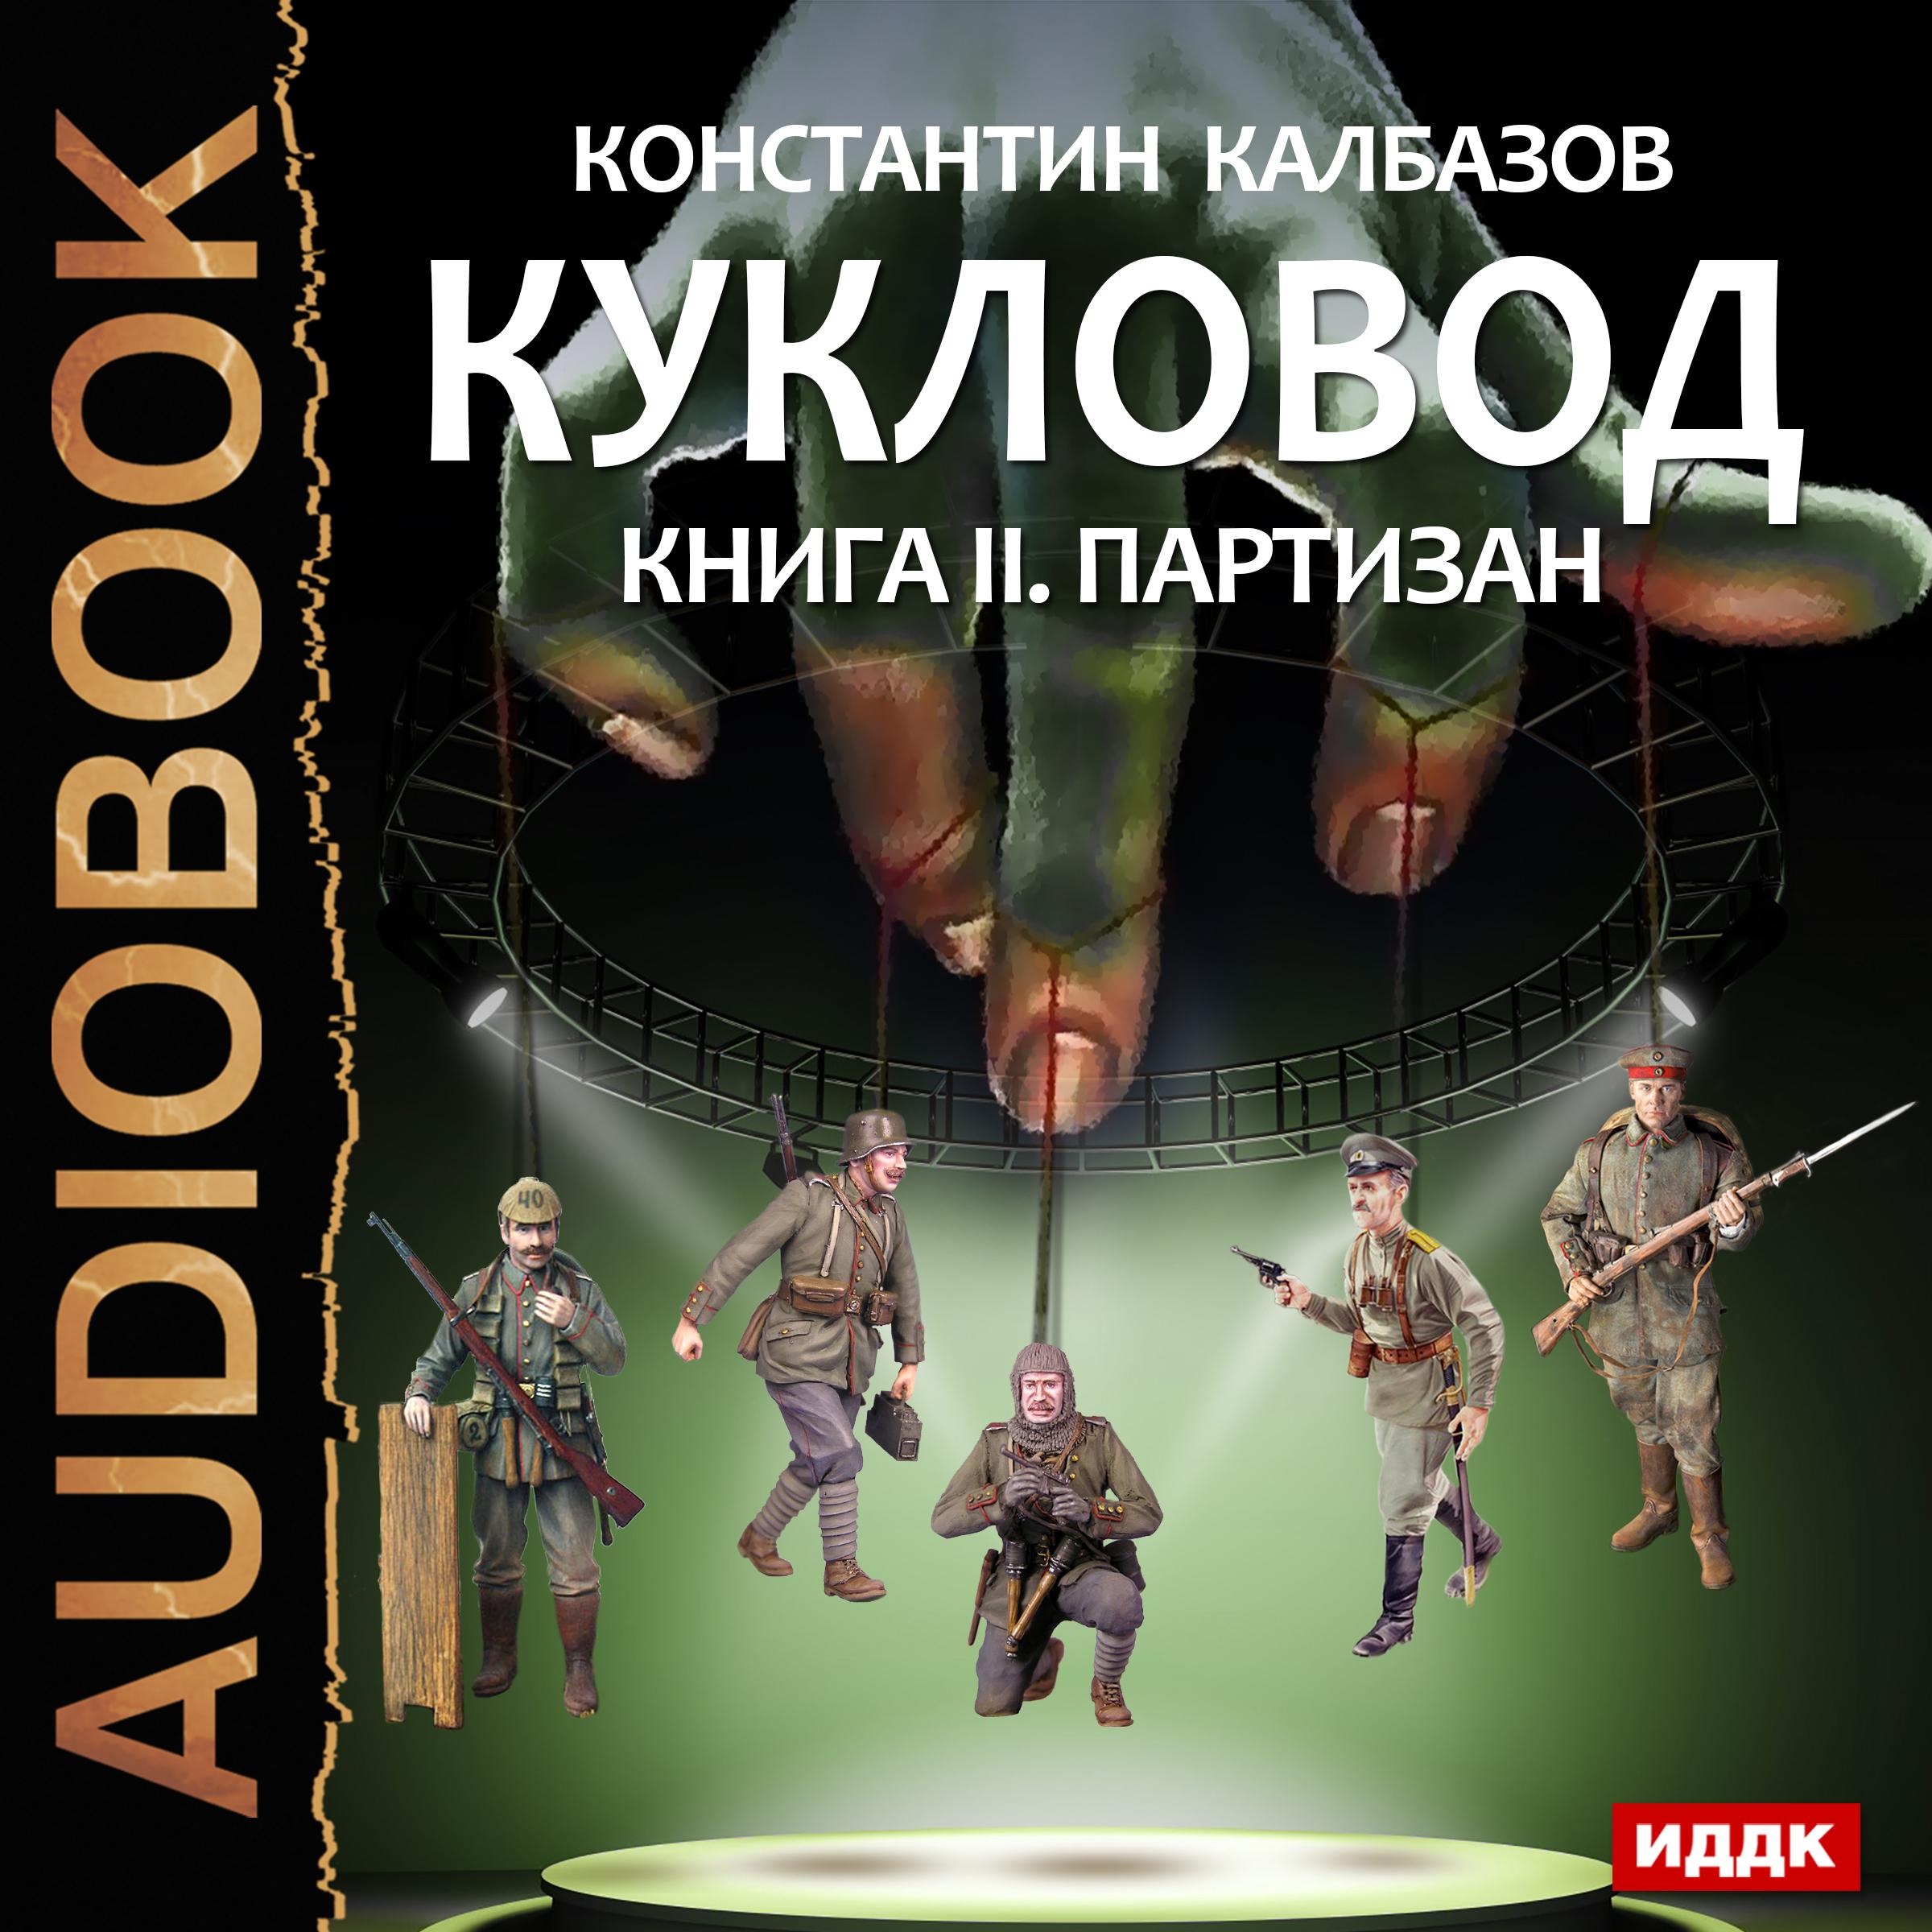 Калбазов  Константин Кукловод: Партизан. Книга 2 (цифровая версия) (Цифровая версия)